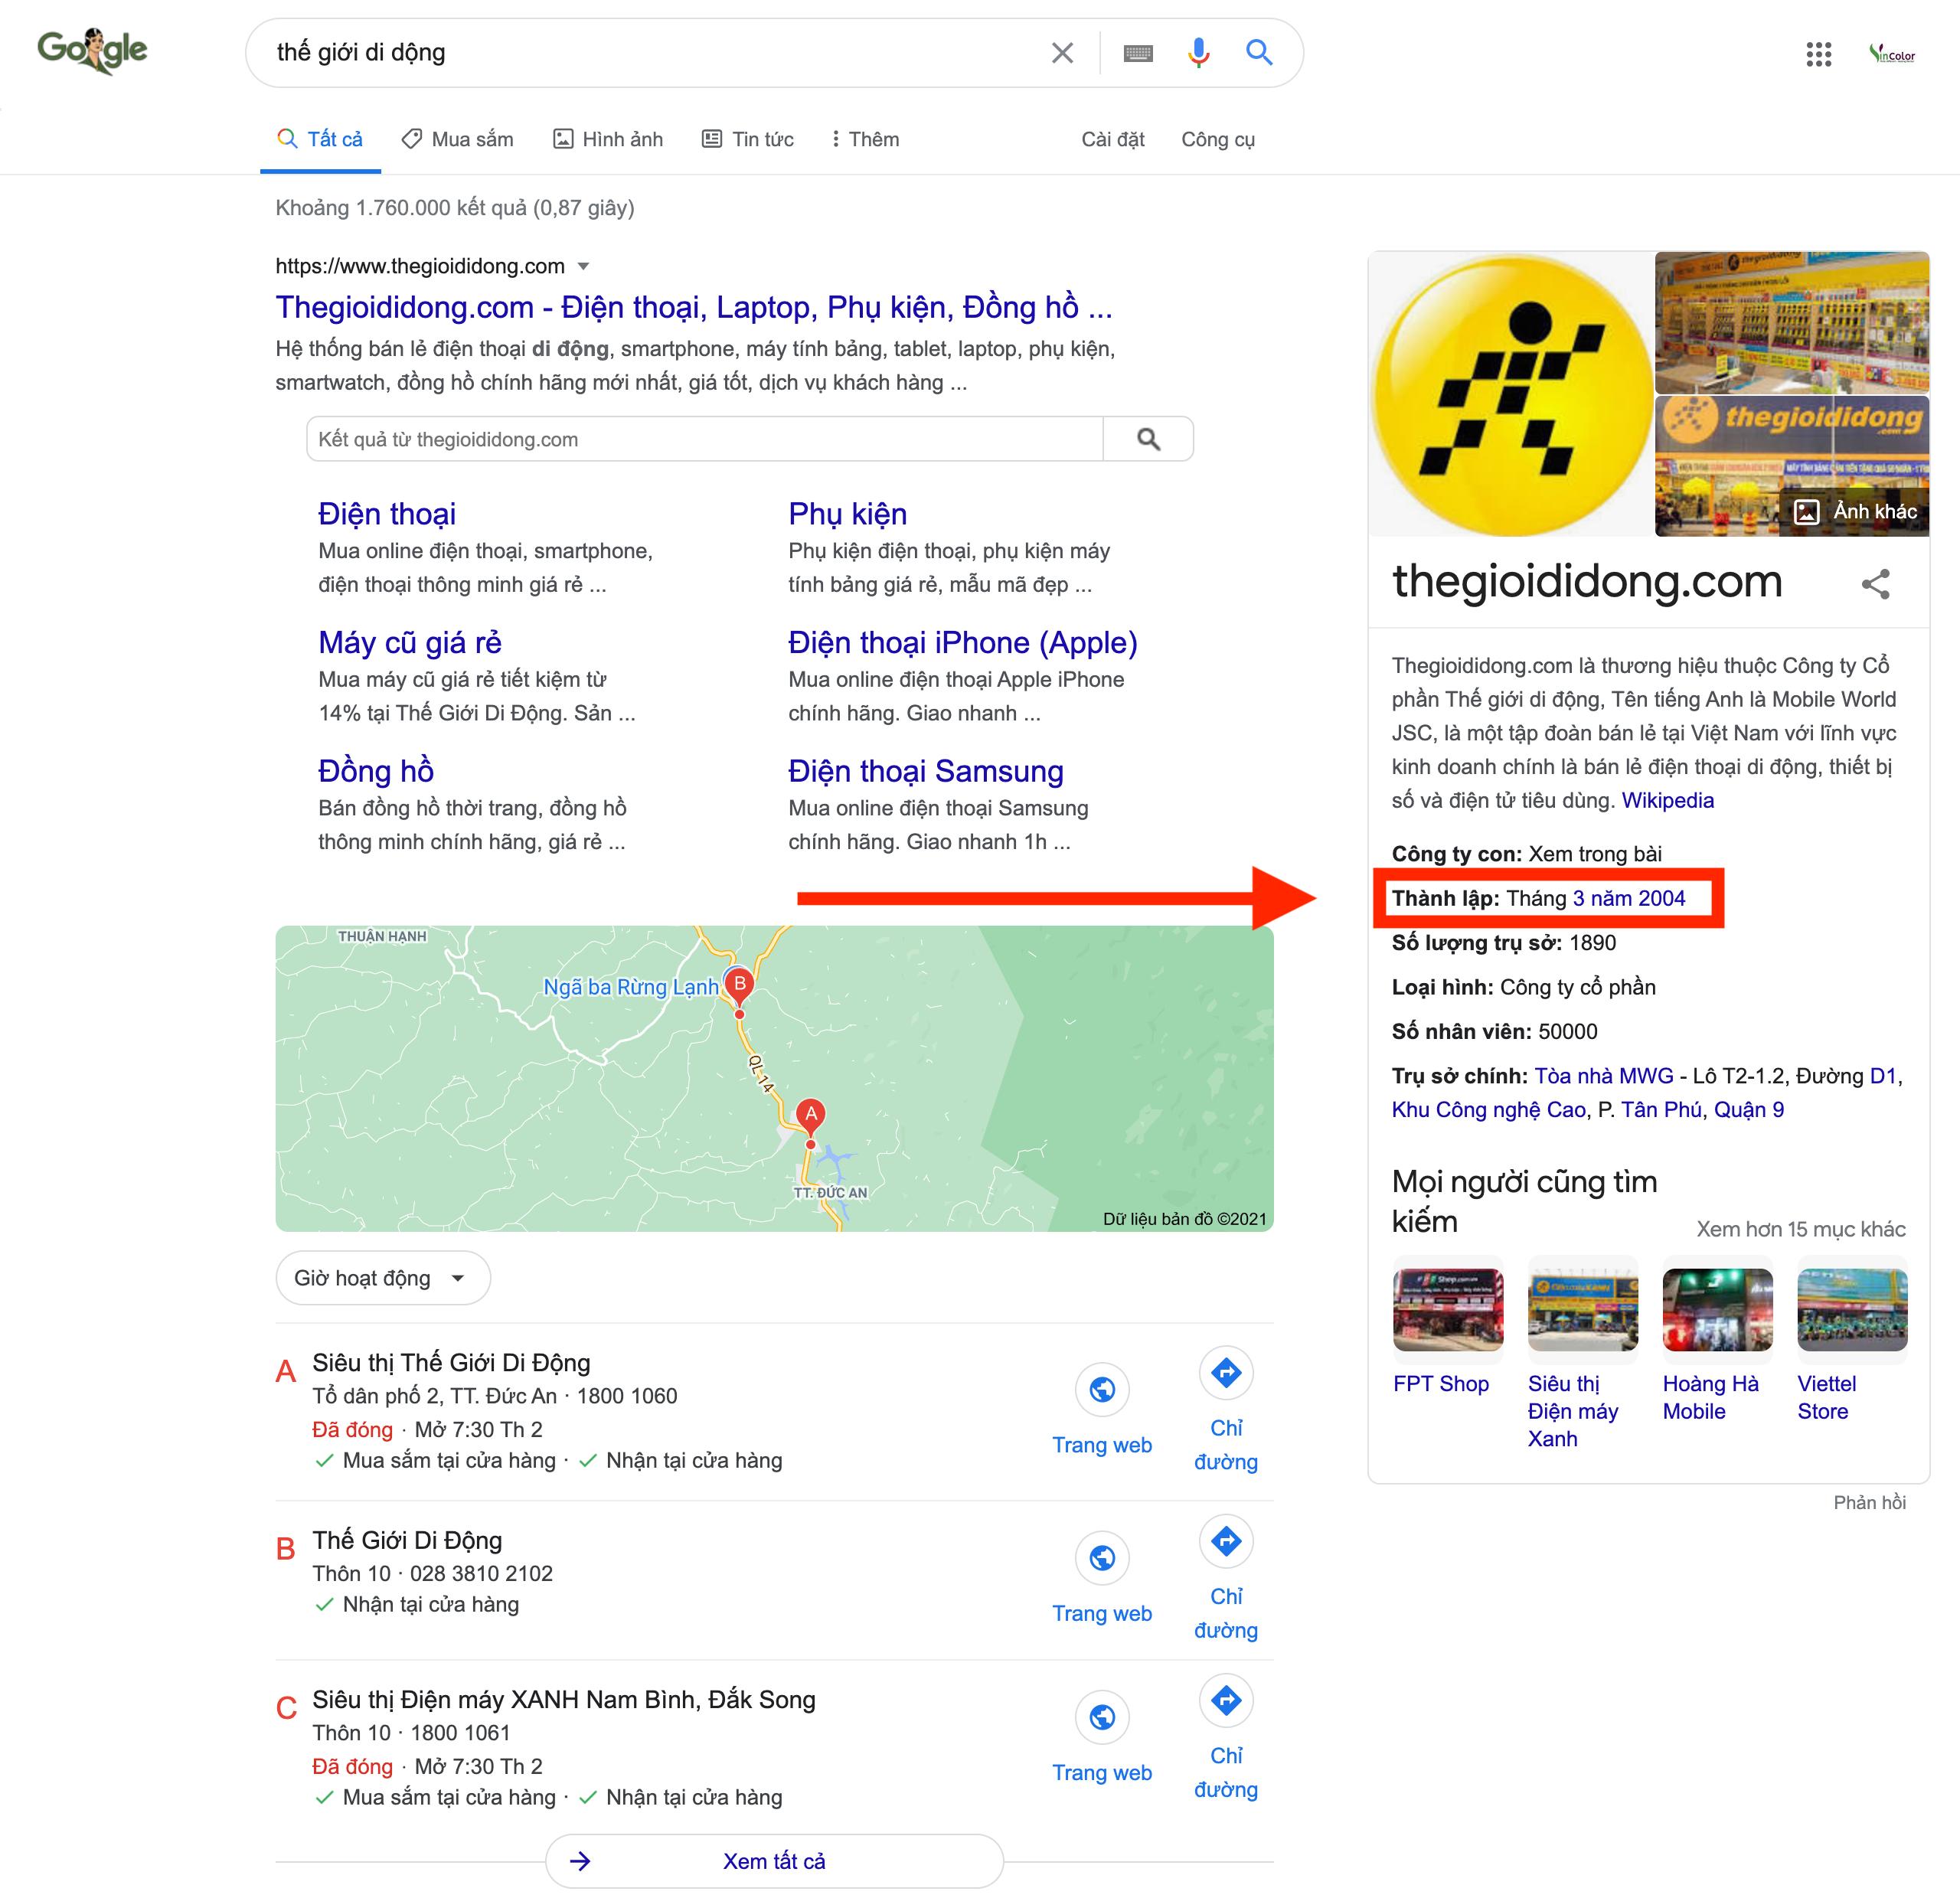 Hiển thị ngày thành lập trên Google Doanh nghiệp